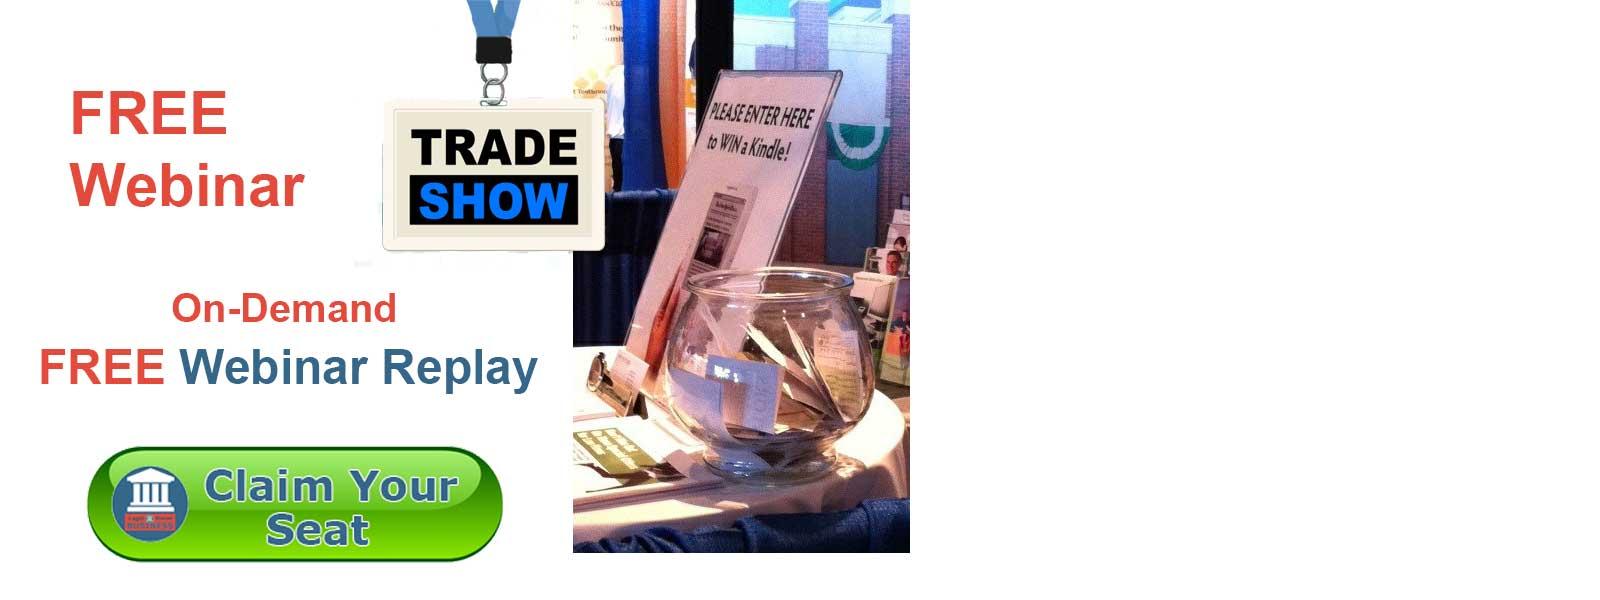 Trade Show Leads Guaranteed